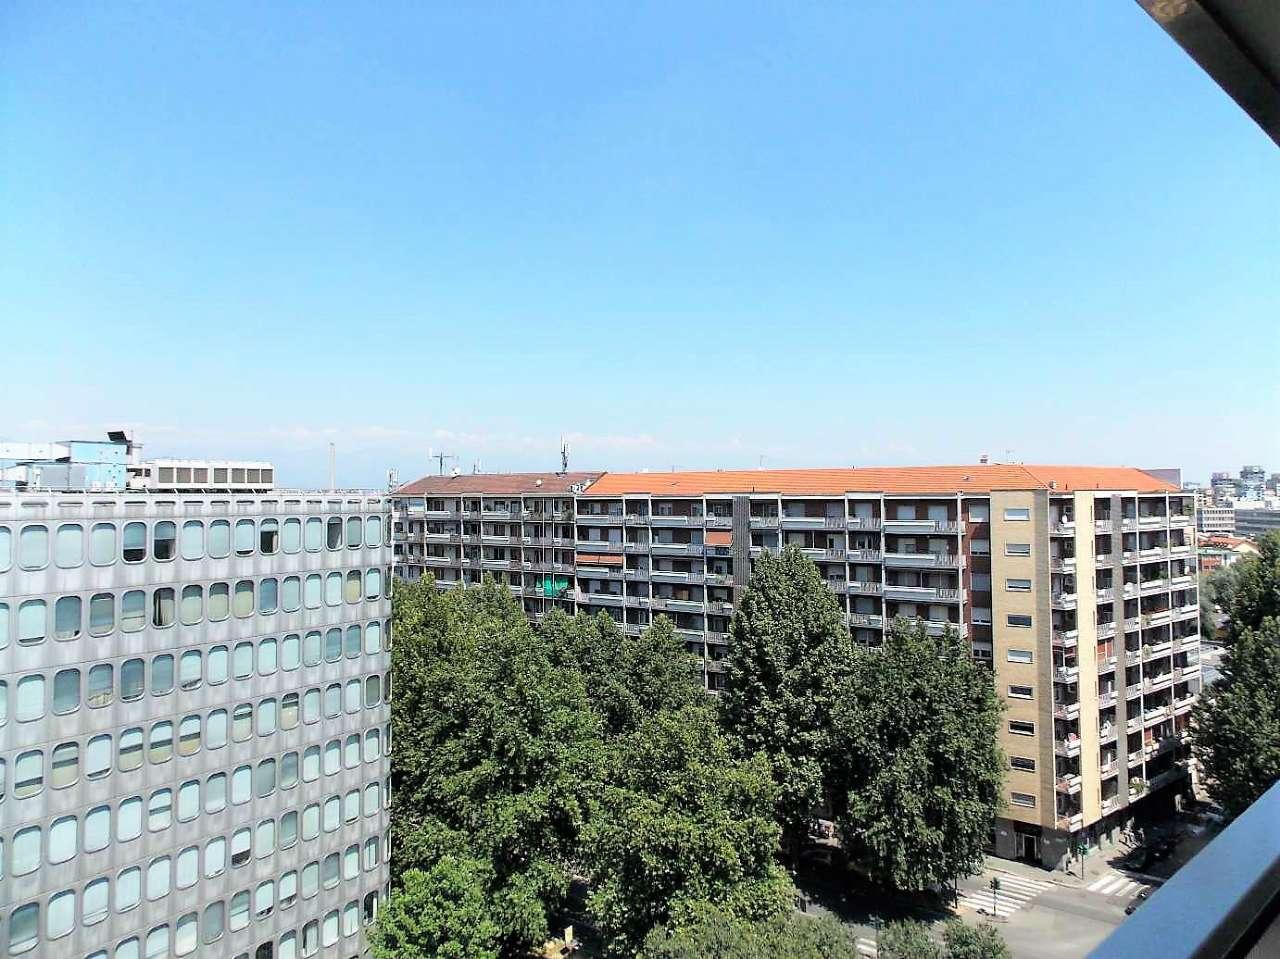 Appartamento in vendita Zona Cit Turin, San Donato, Campidoglio - corso Svizzera Torino